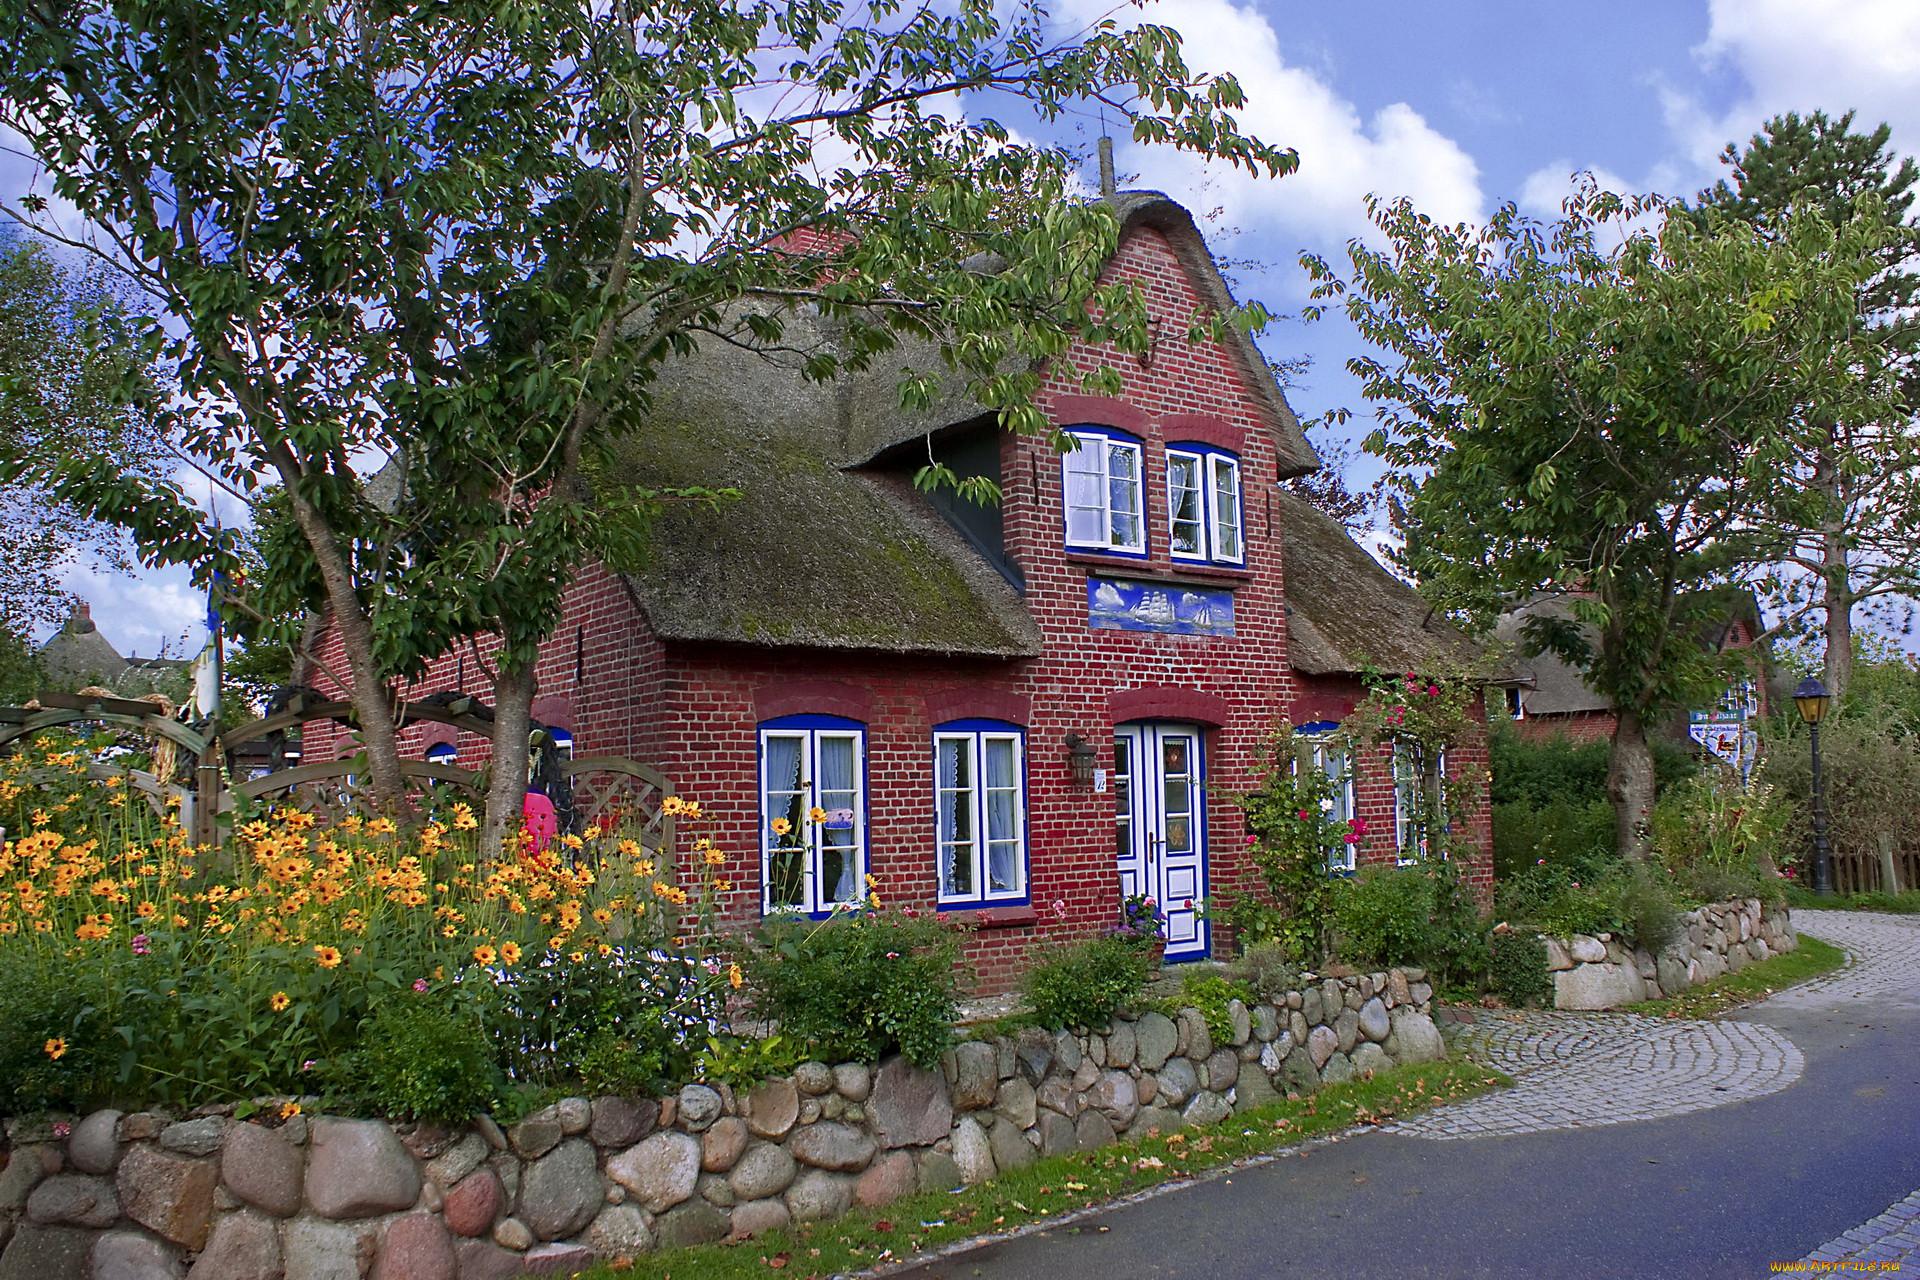 гламурный красивые сельские дома фото считают, что девочка